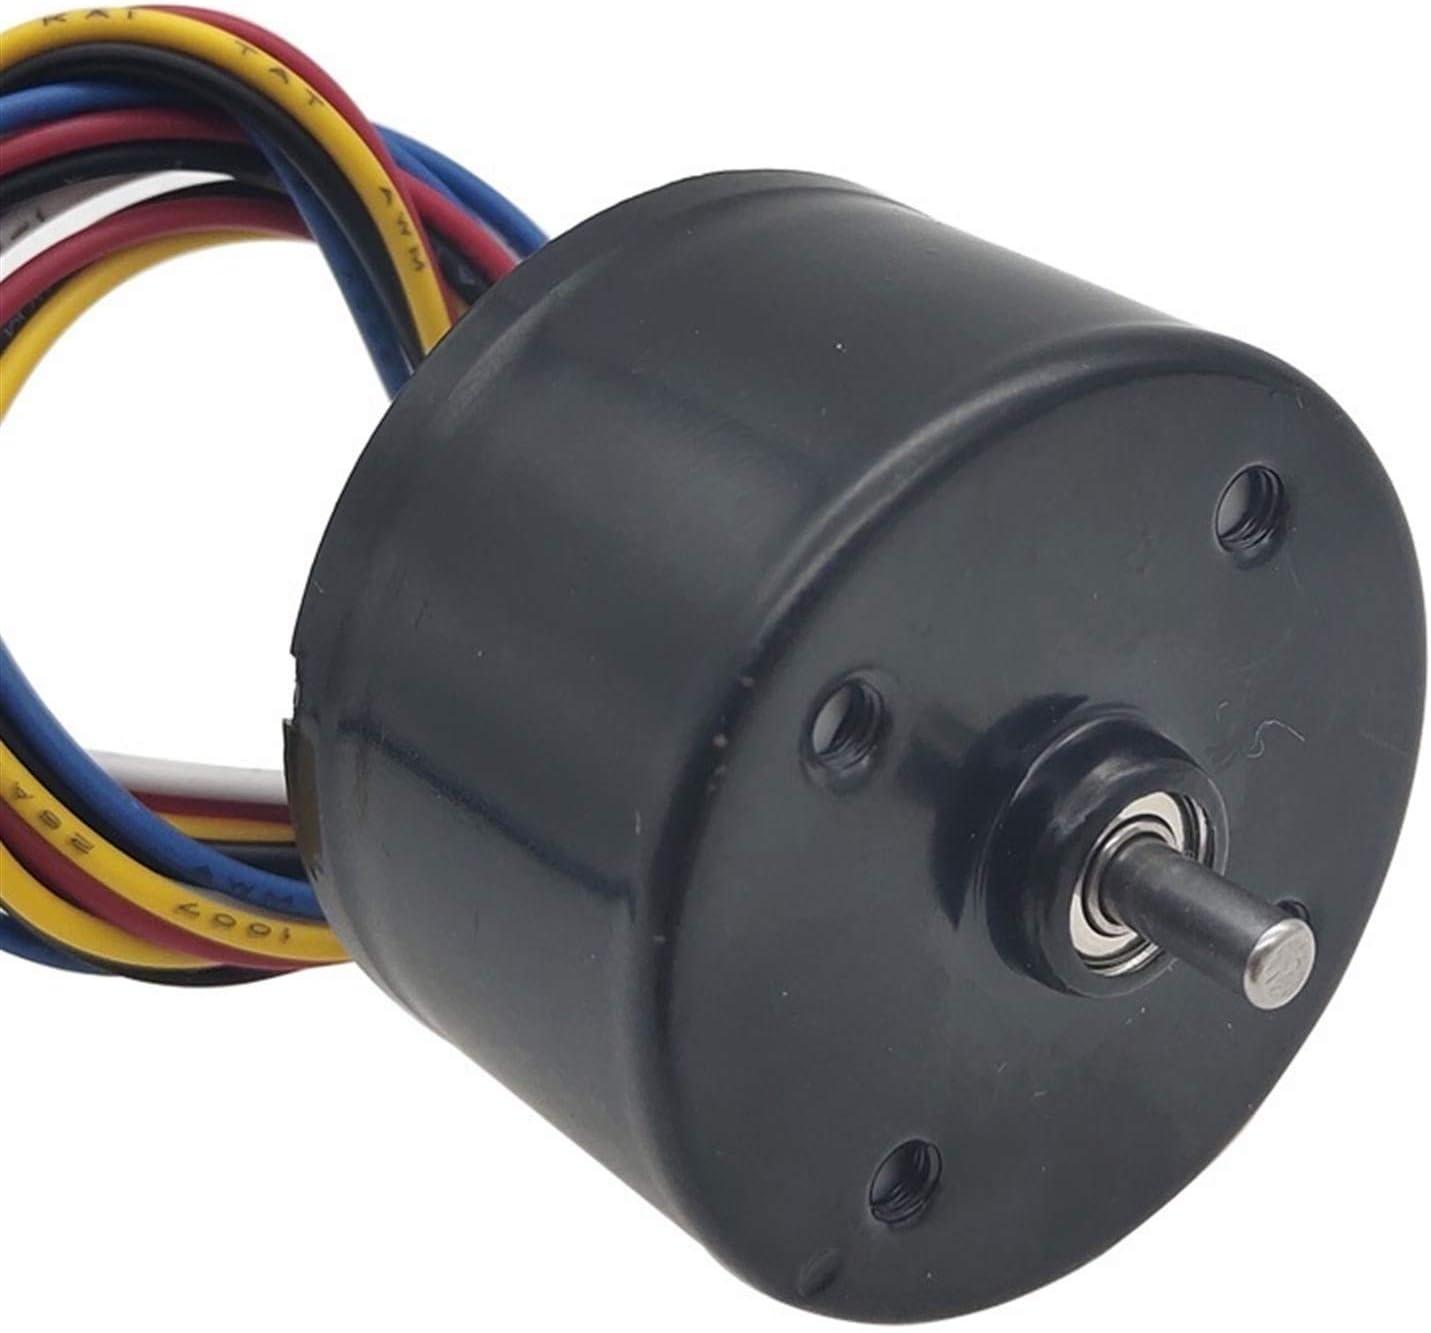 Xianglaa-Motor de corriente continua Motores de alta velocidad de DC de 3525 micro mini mini, con regulación de velocidad PWM, 12 voltios invertidos en el motor BLDC DC, Amplia gama de aplicaciones